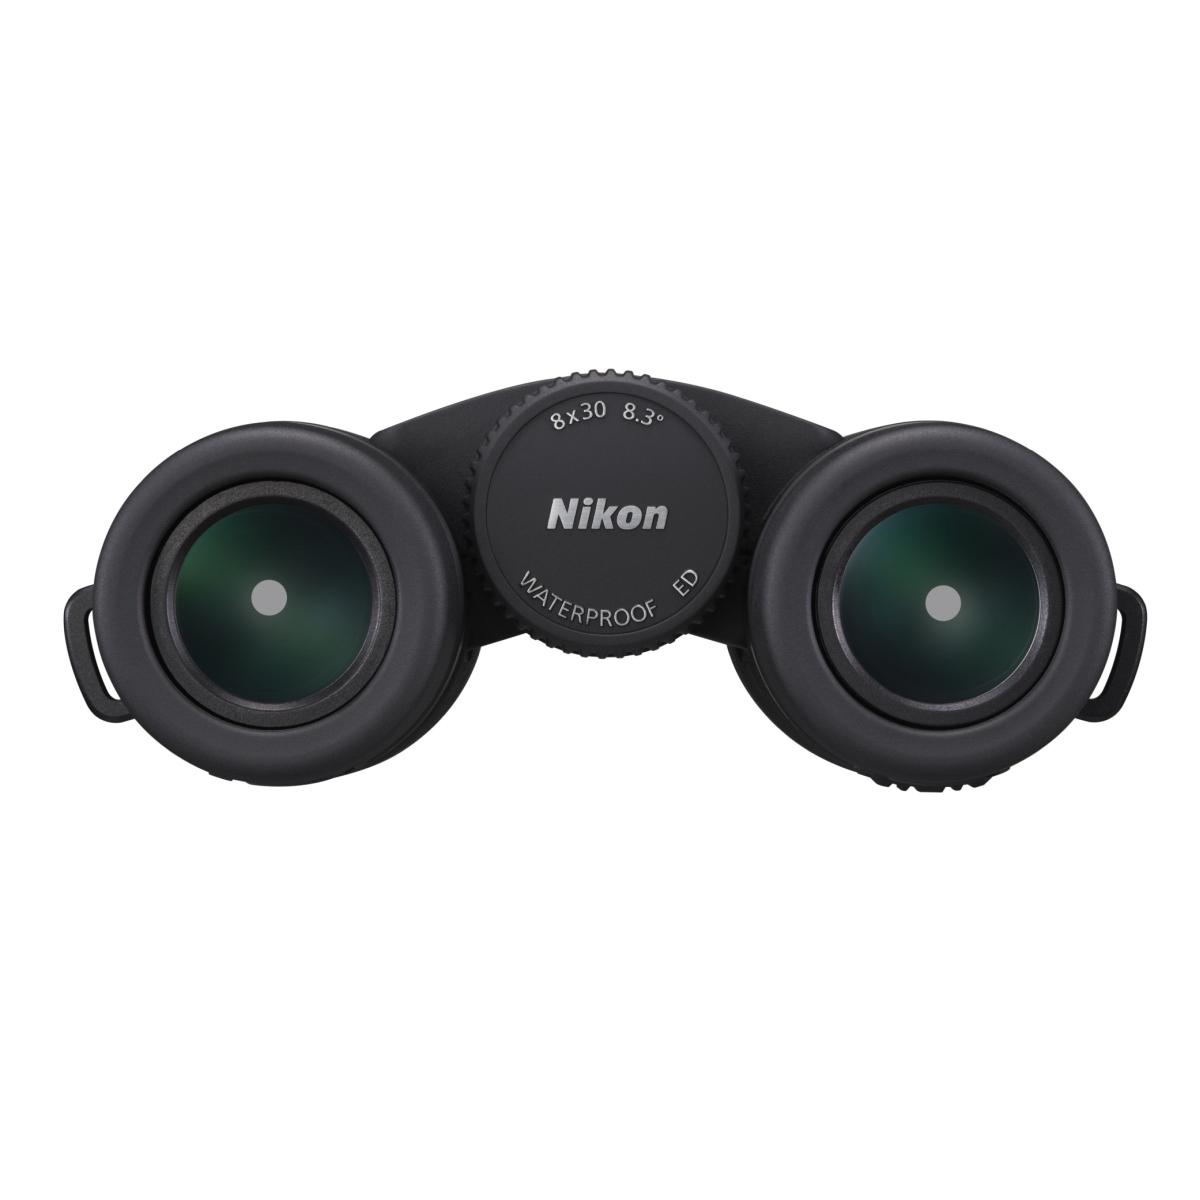 Nikon 8x30 Monarch M7